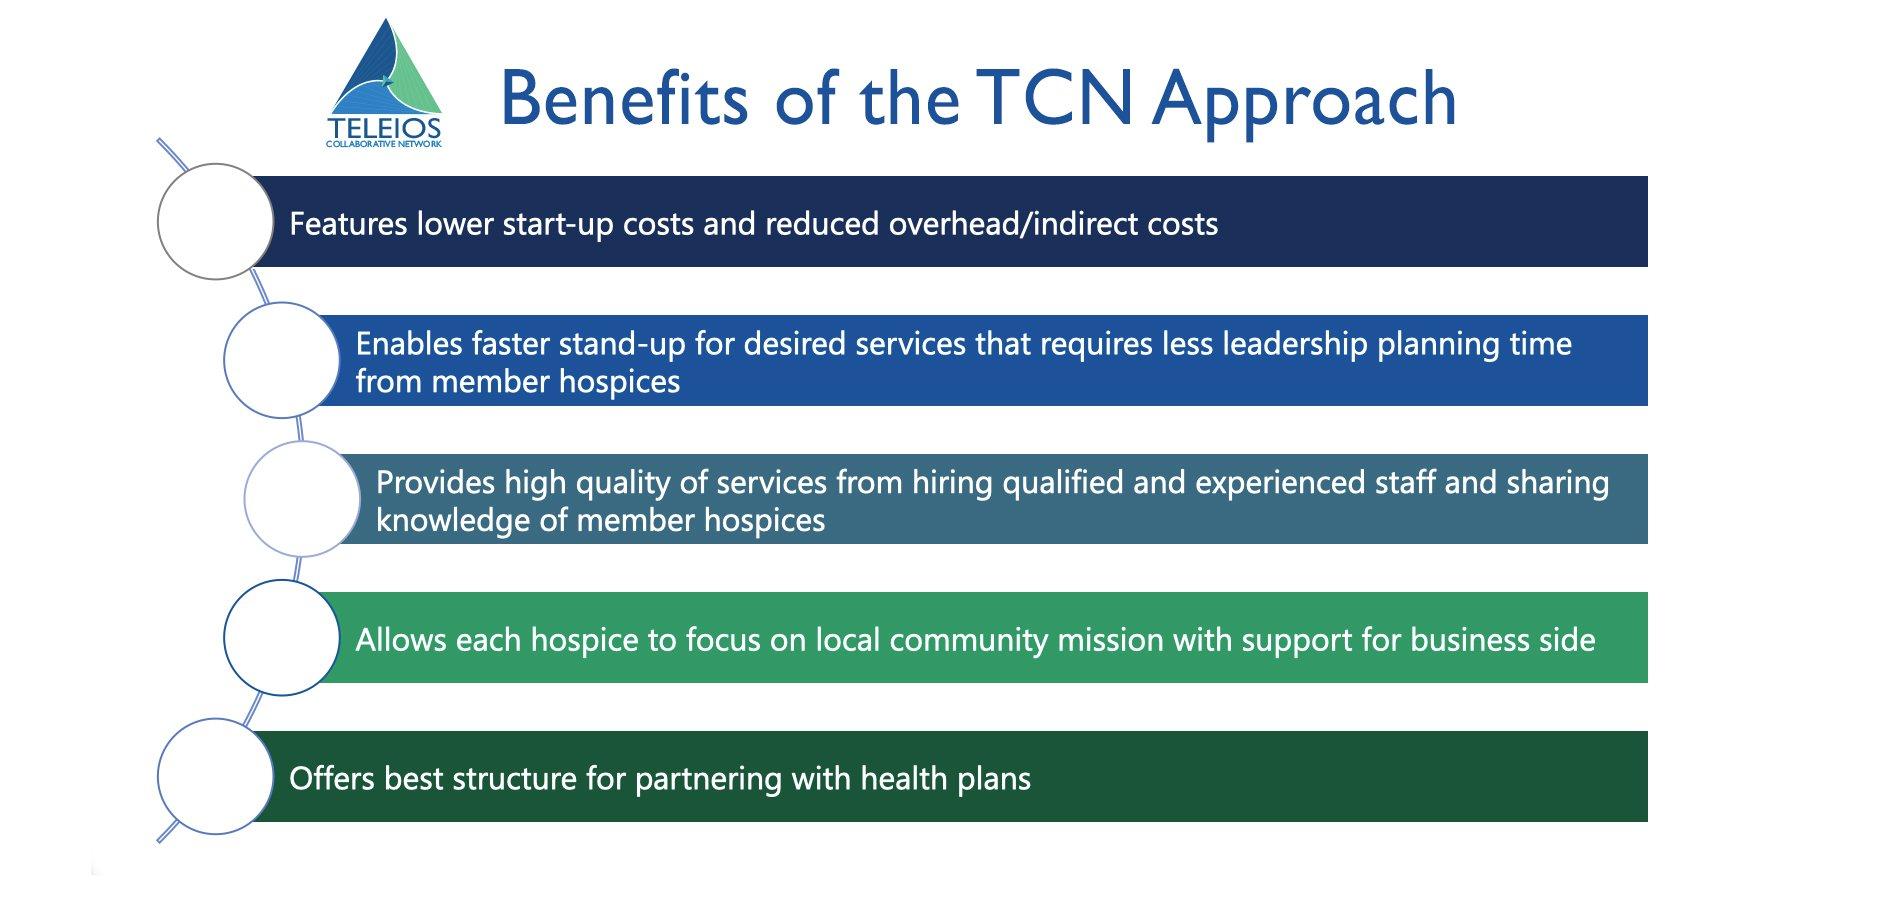 benefitsoftcn_approach